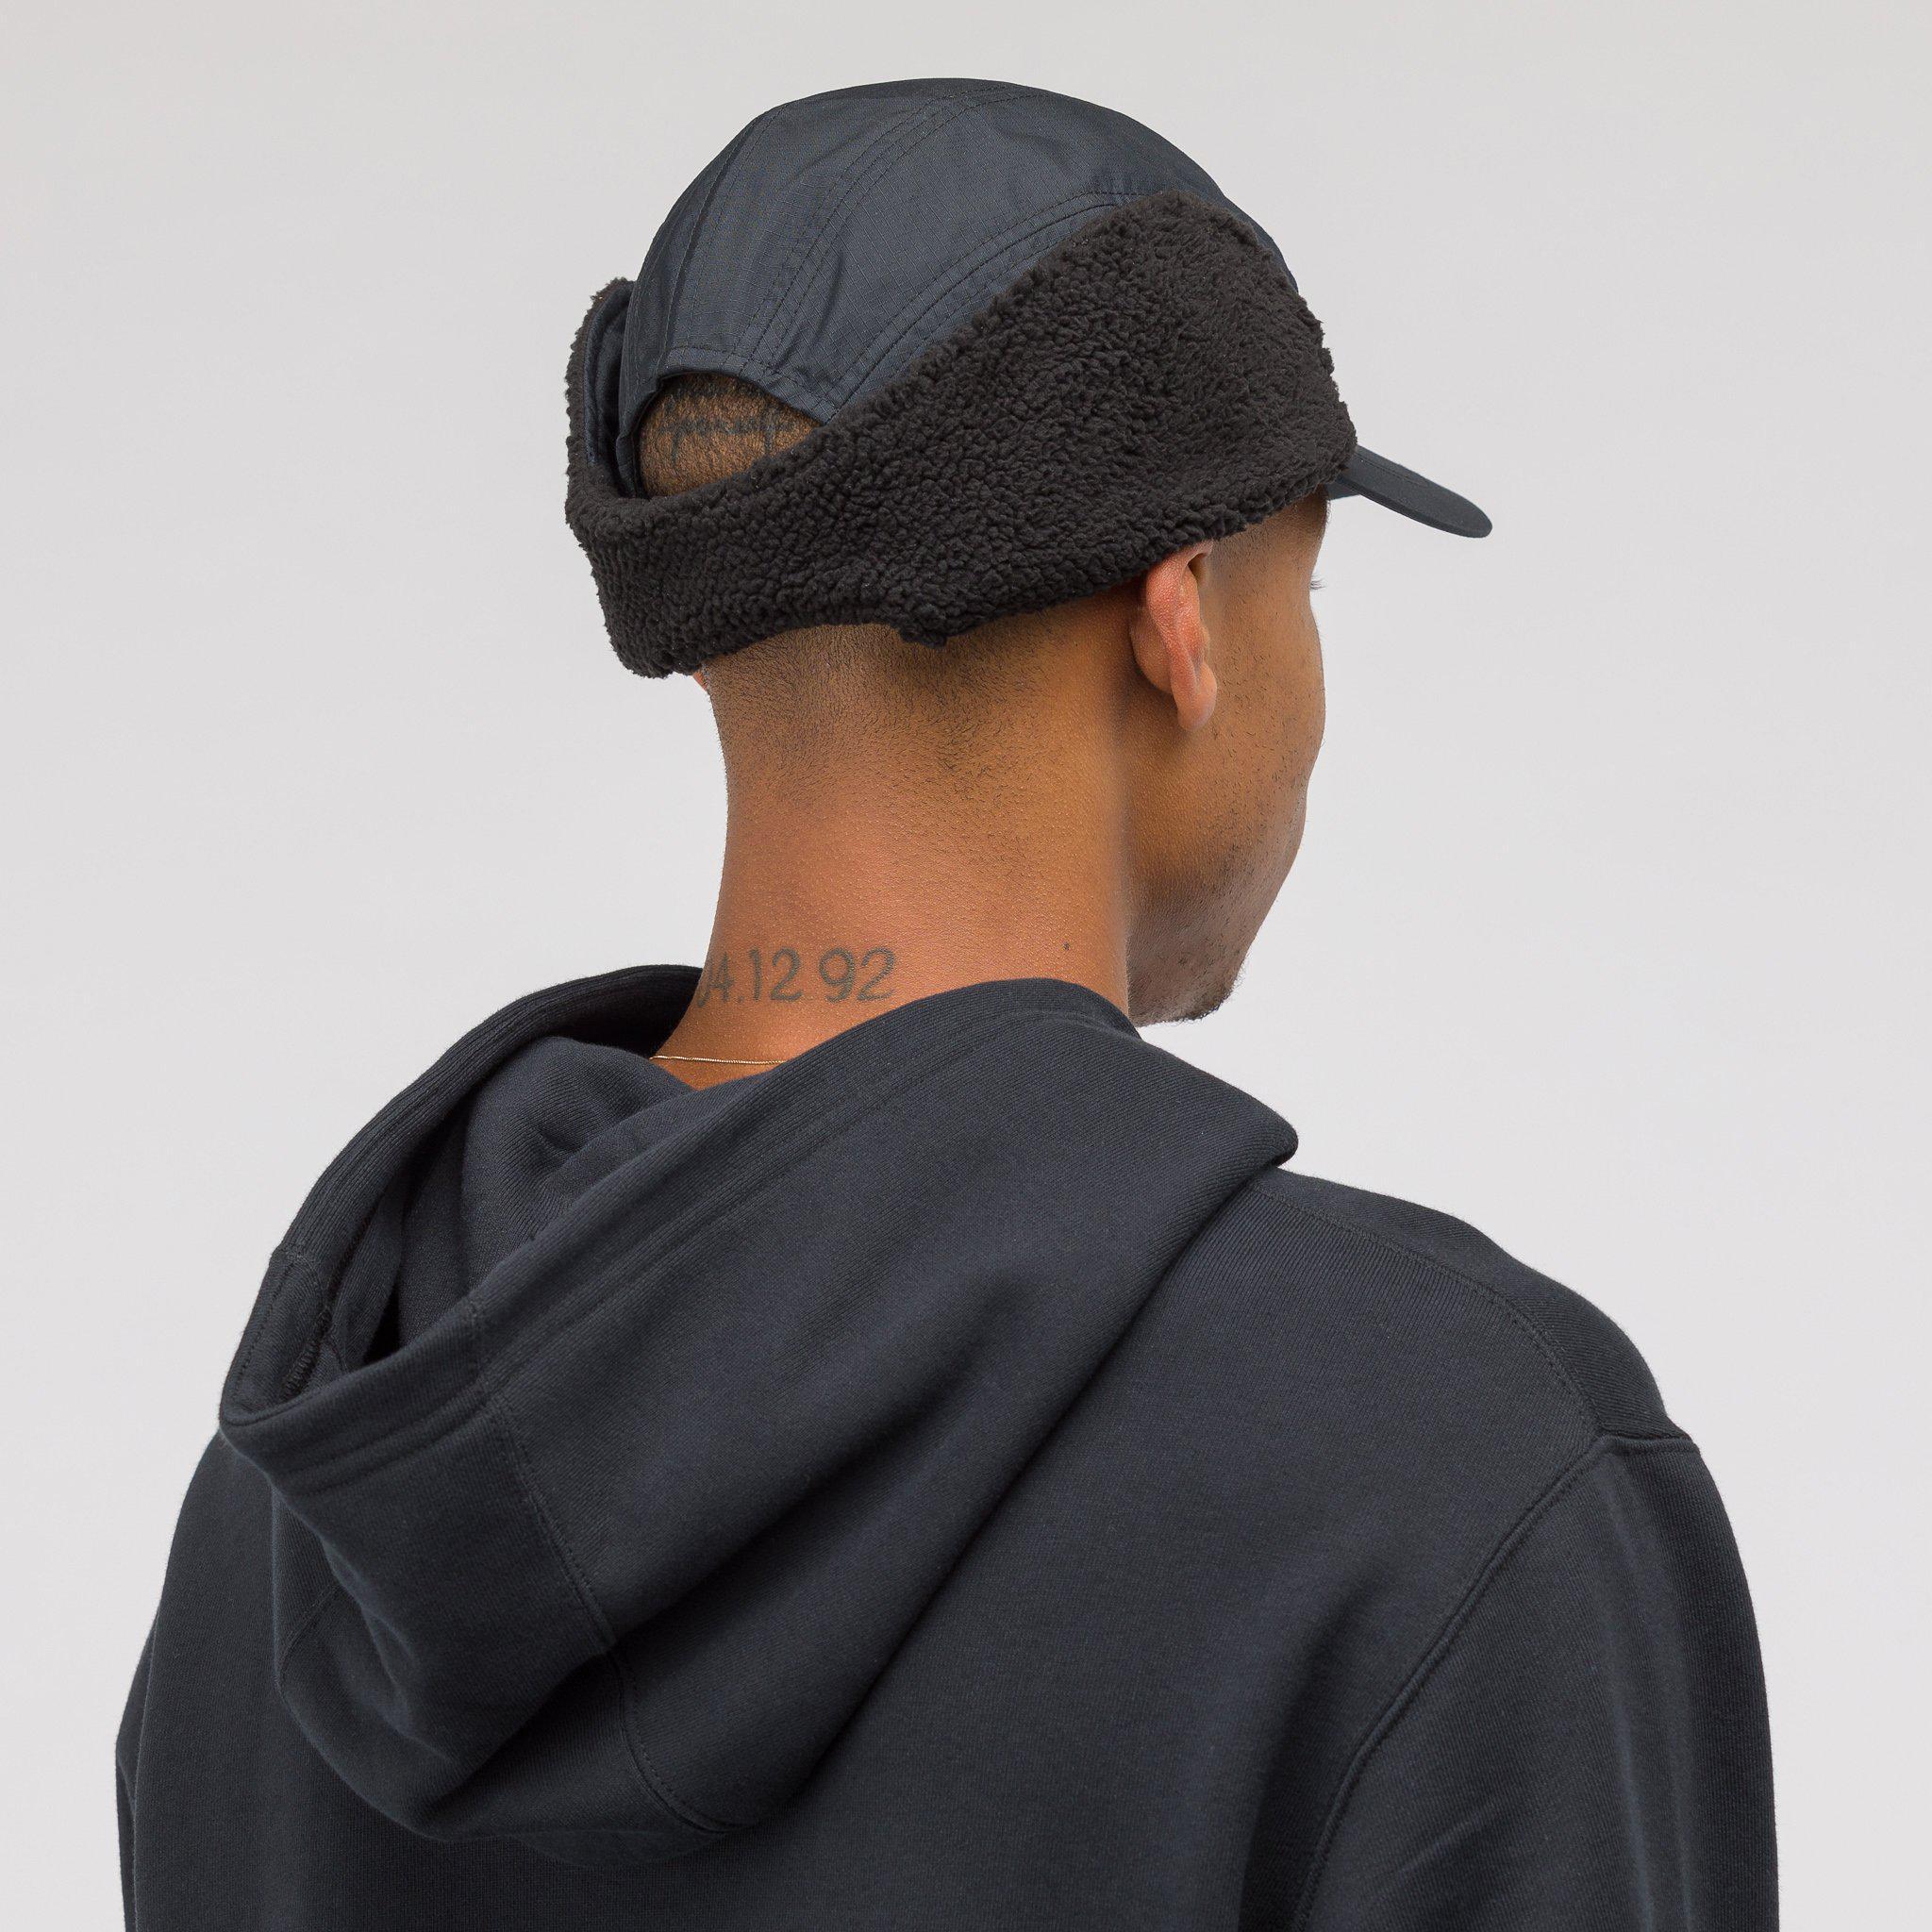 466c178b8f9 Lyst - Nike Acg Tailwind Sherpa Hat In Black in Black for Men